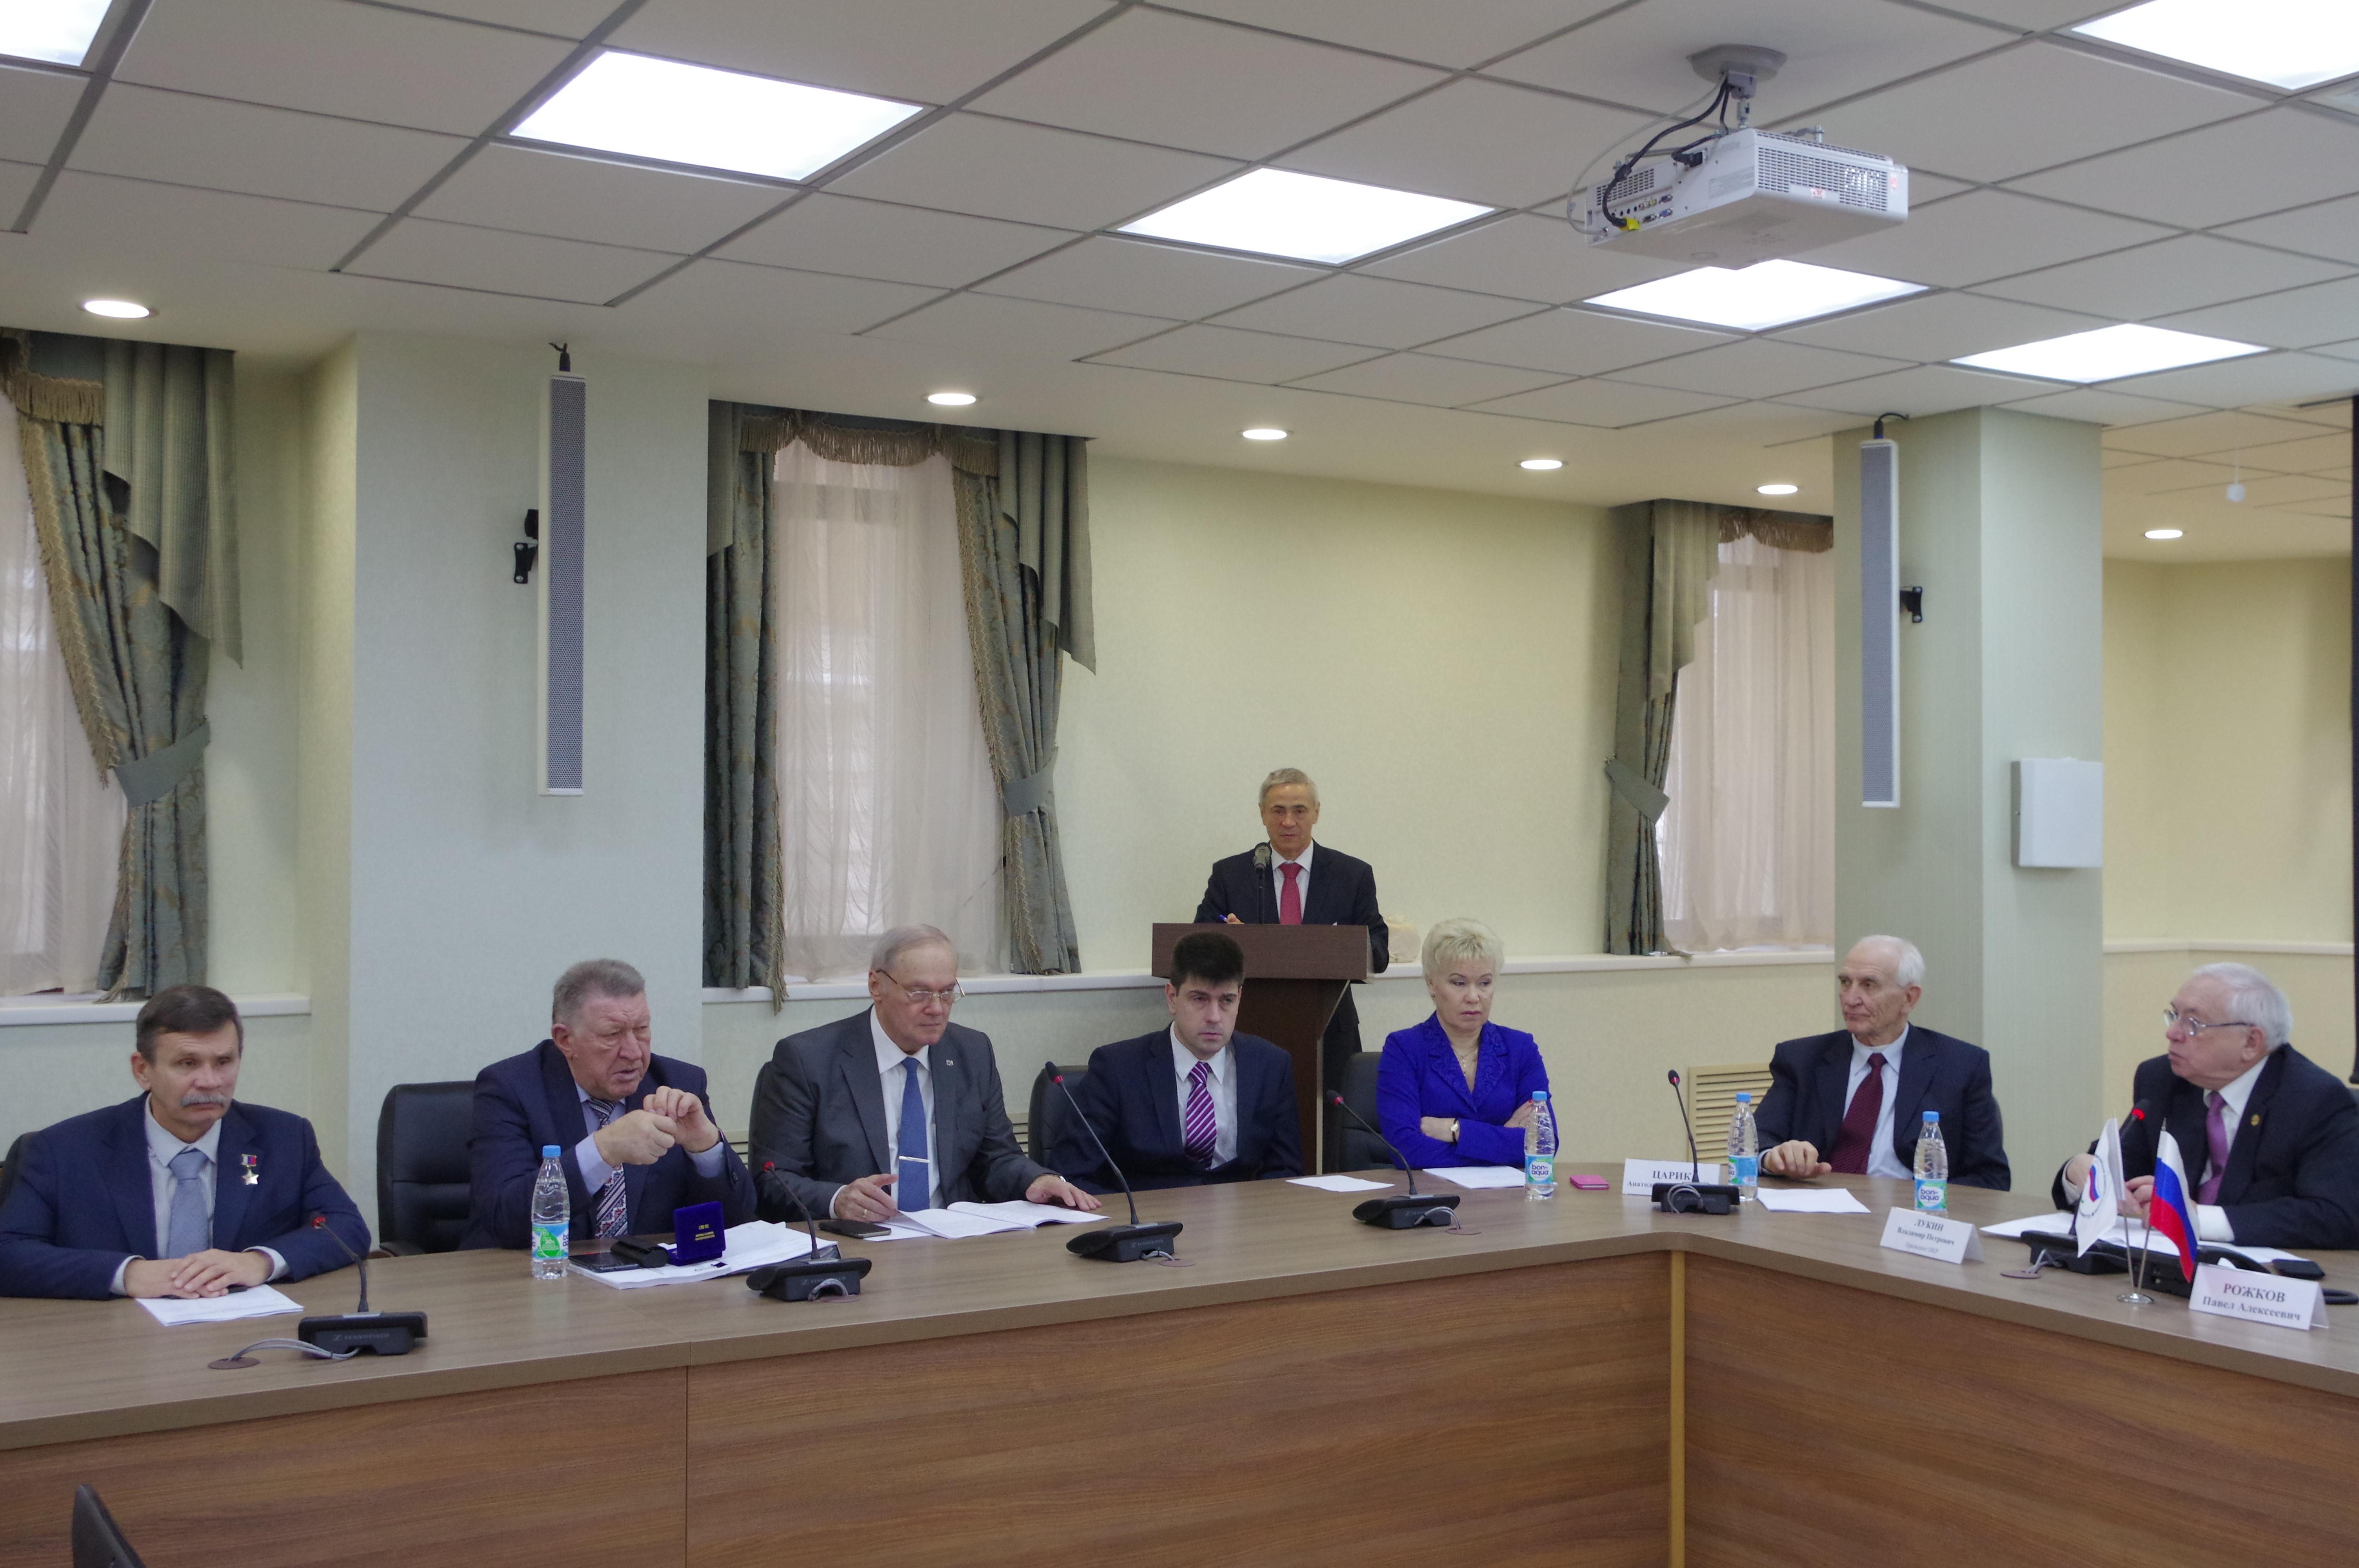 Президент ПКР В.П. Лукин в Доме паралимпийского спорта провел расширенное заседание Исполкома ПКР